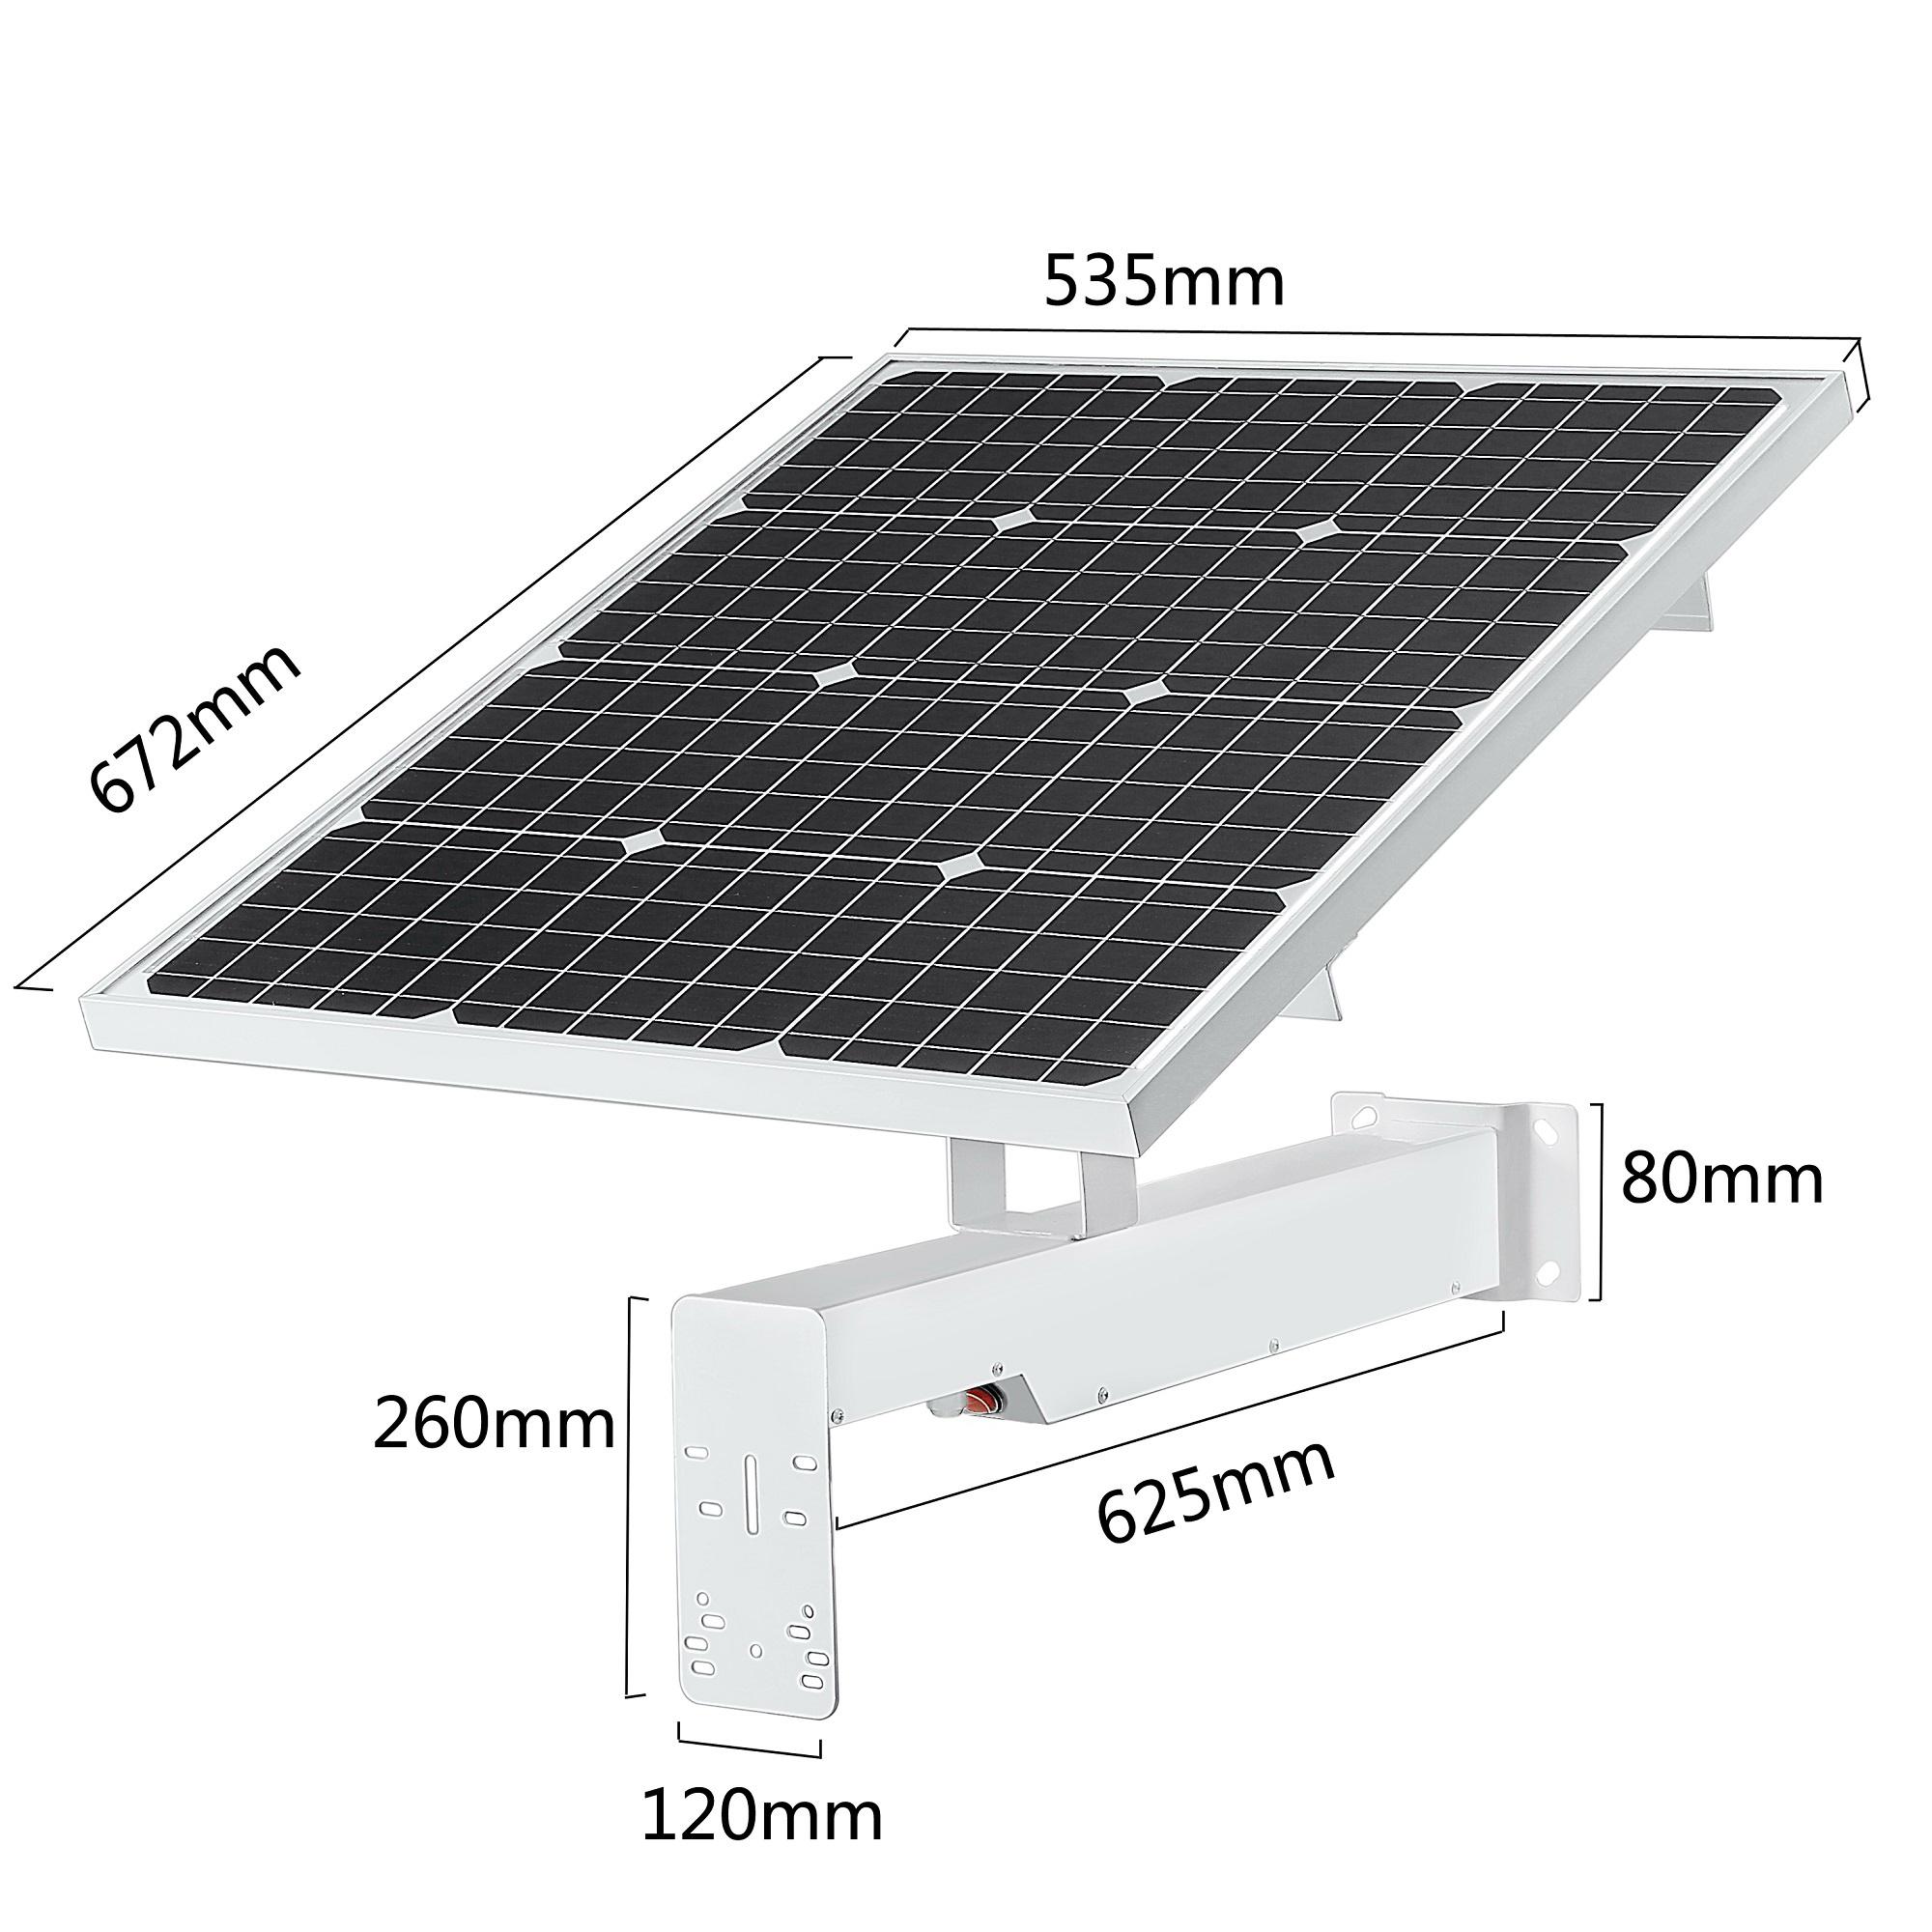 panneau solaire 60Wc pour camera exterieur 4G autonome